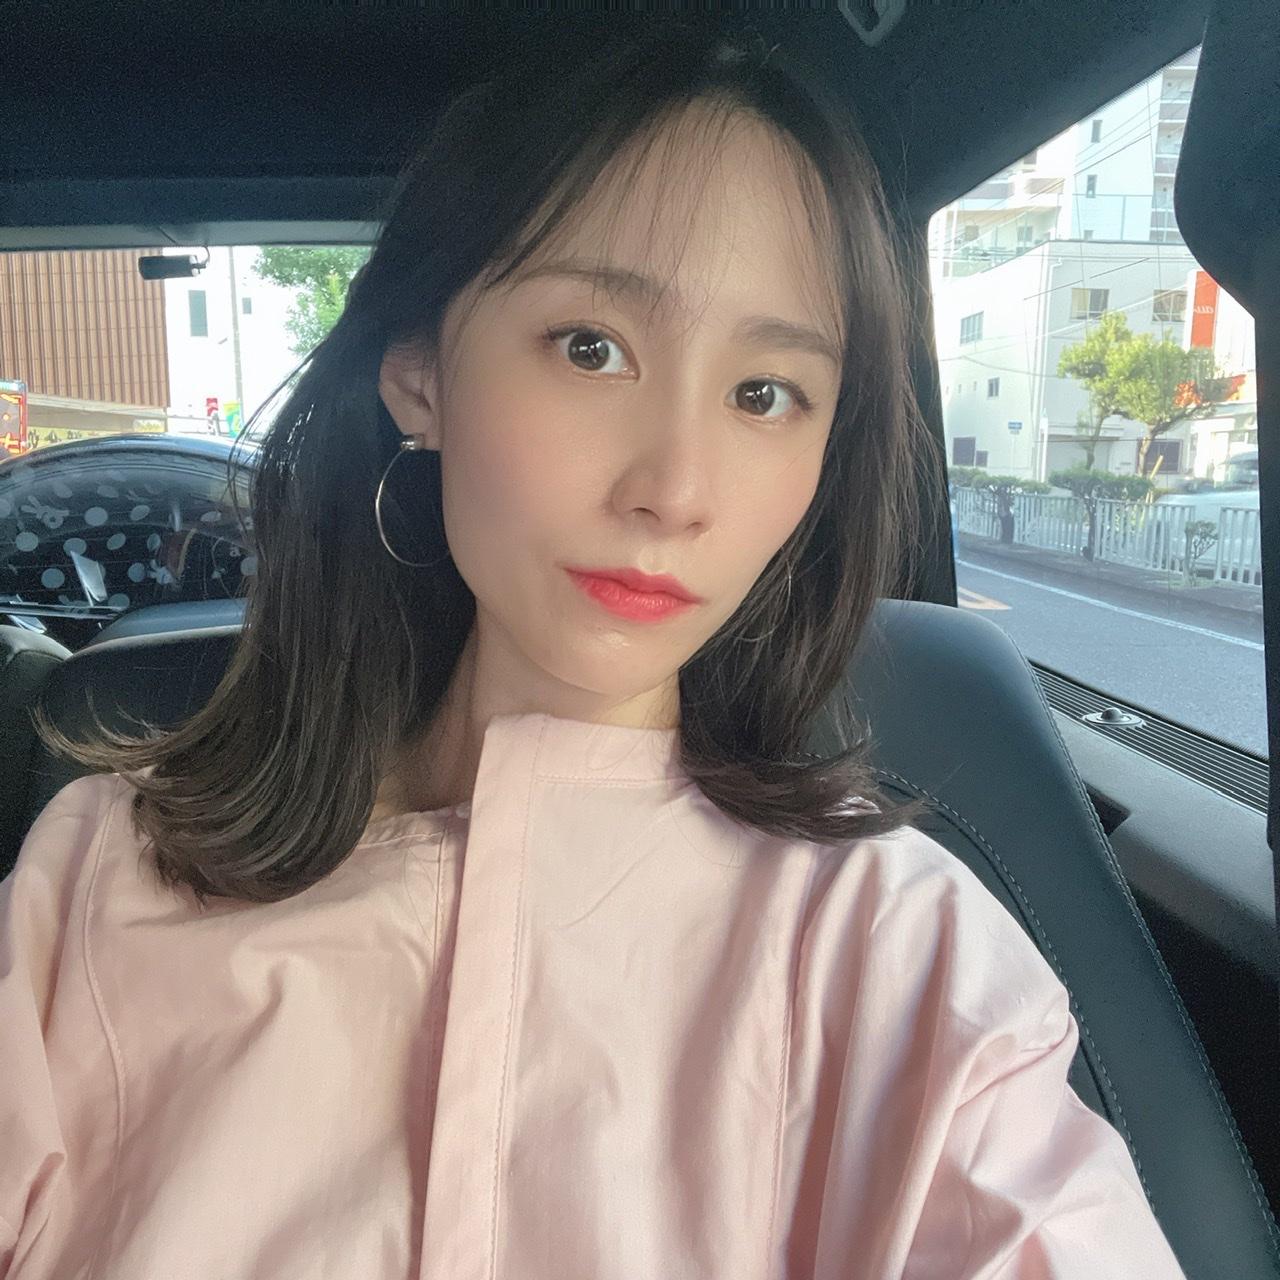 ドライブやデートにおすすめなピンクのシャツ